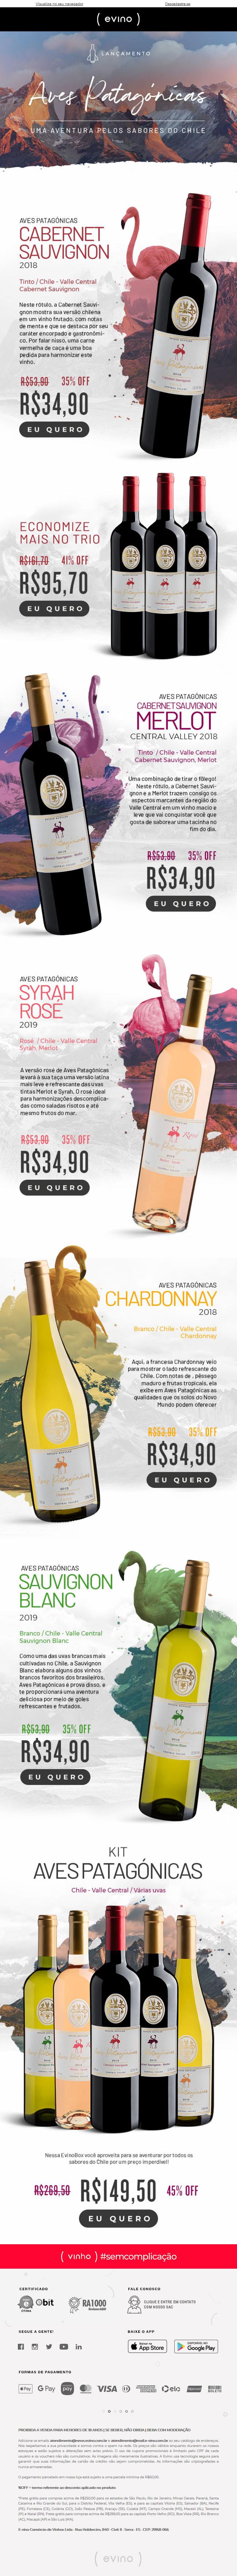 Cabernet Sauvignon inédito cultivado nos ricos terroirs do Chile